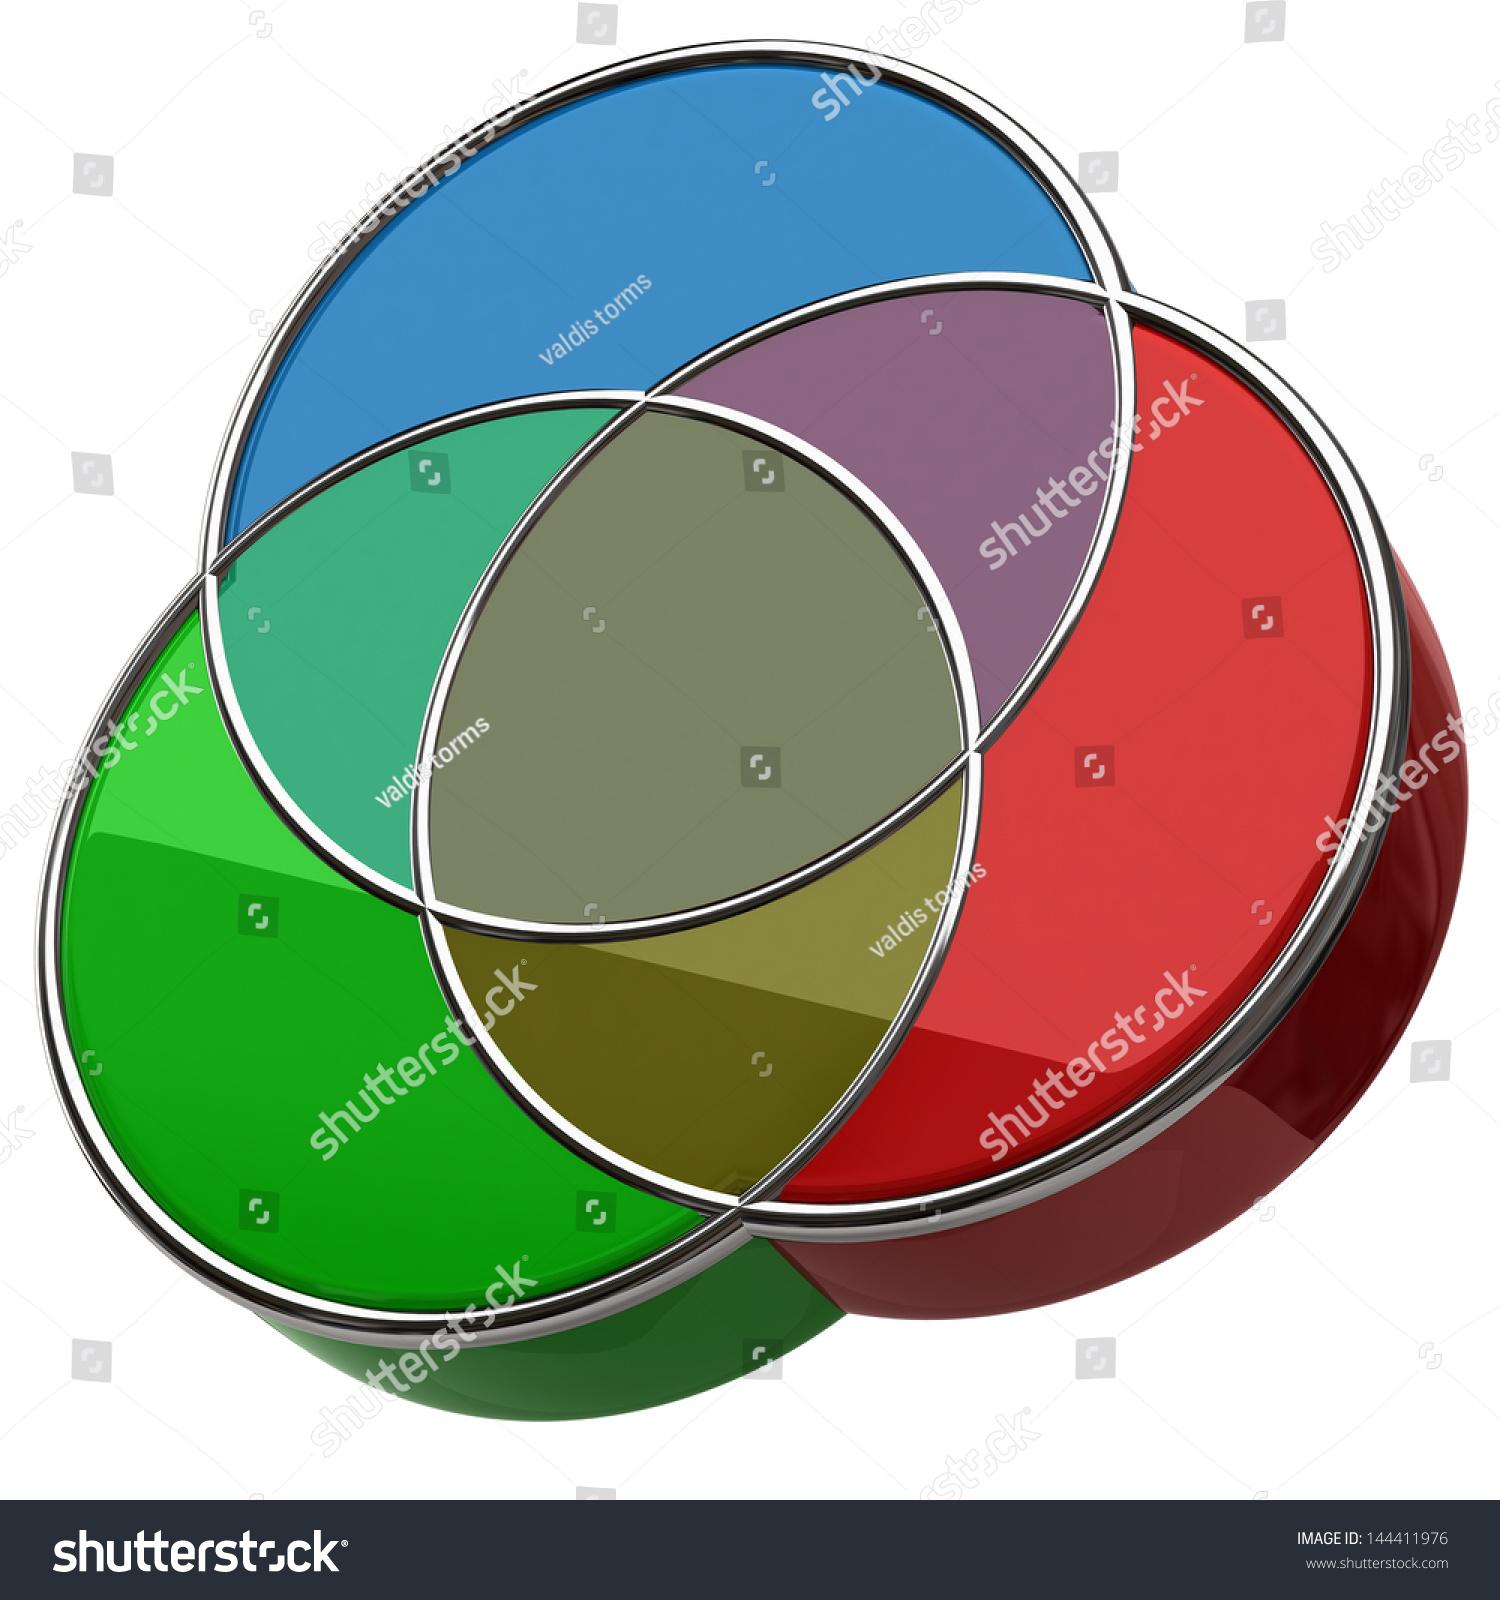 Blank venn diagram stock illustration 144411976 shutterstock blank venn diagram pooptronica Choice Image